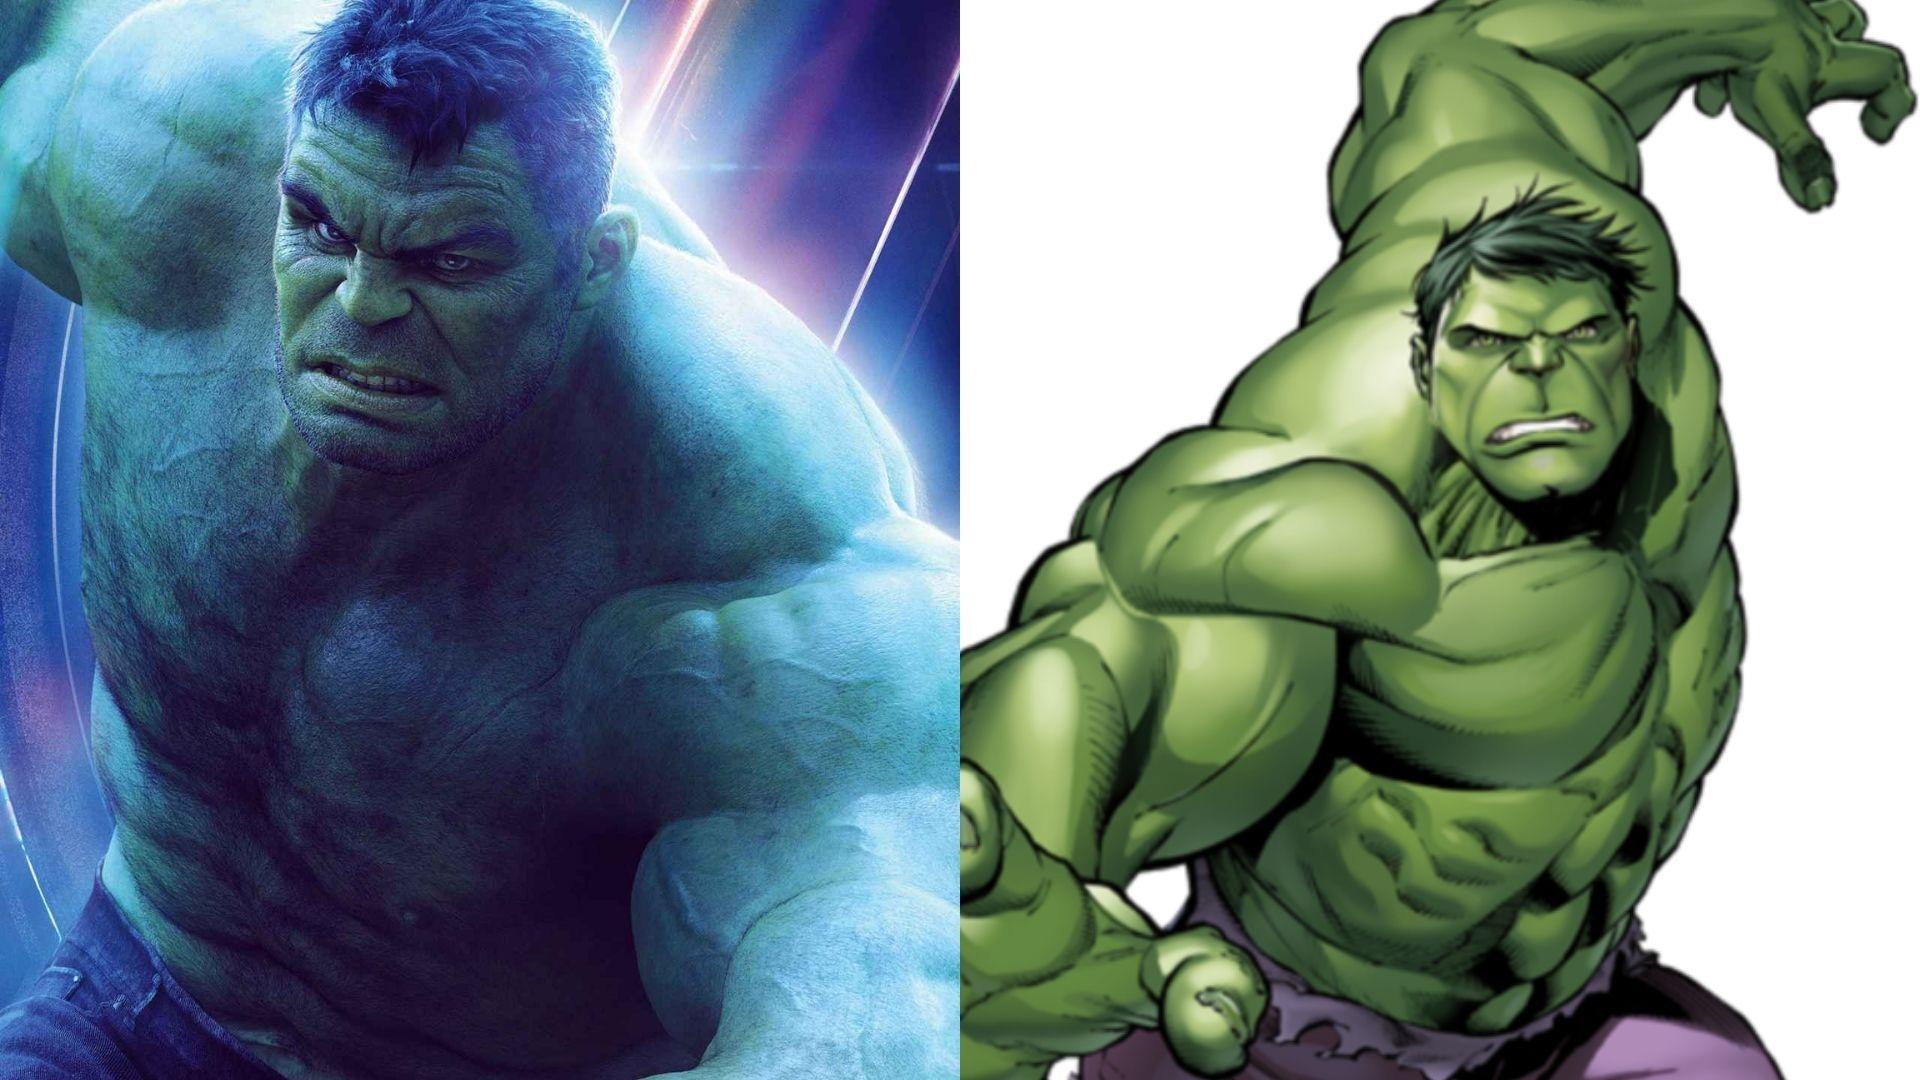 【アベンジャーズ】ハルクの強さ・能力について解説!【マーベル原作】